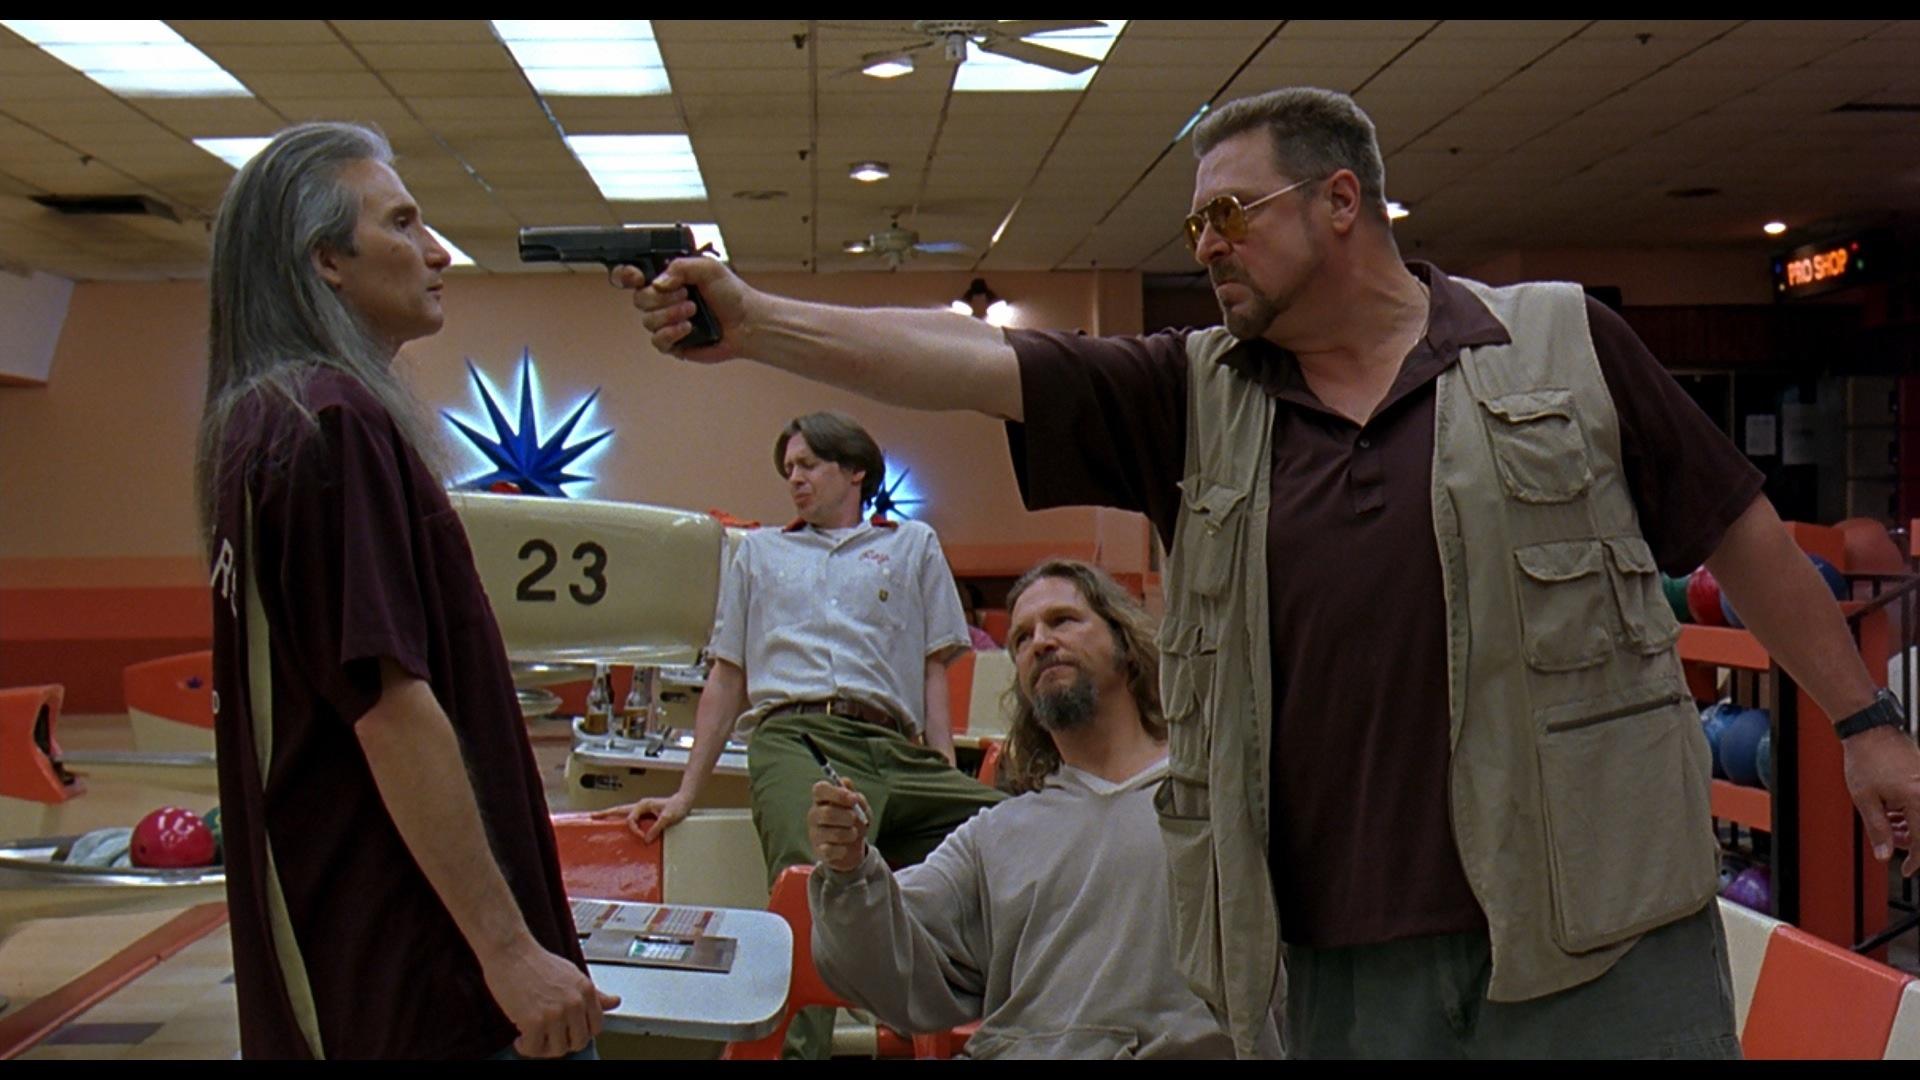 dude bowling